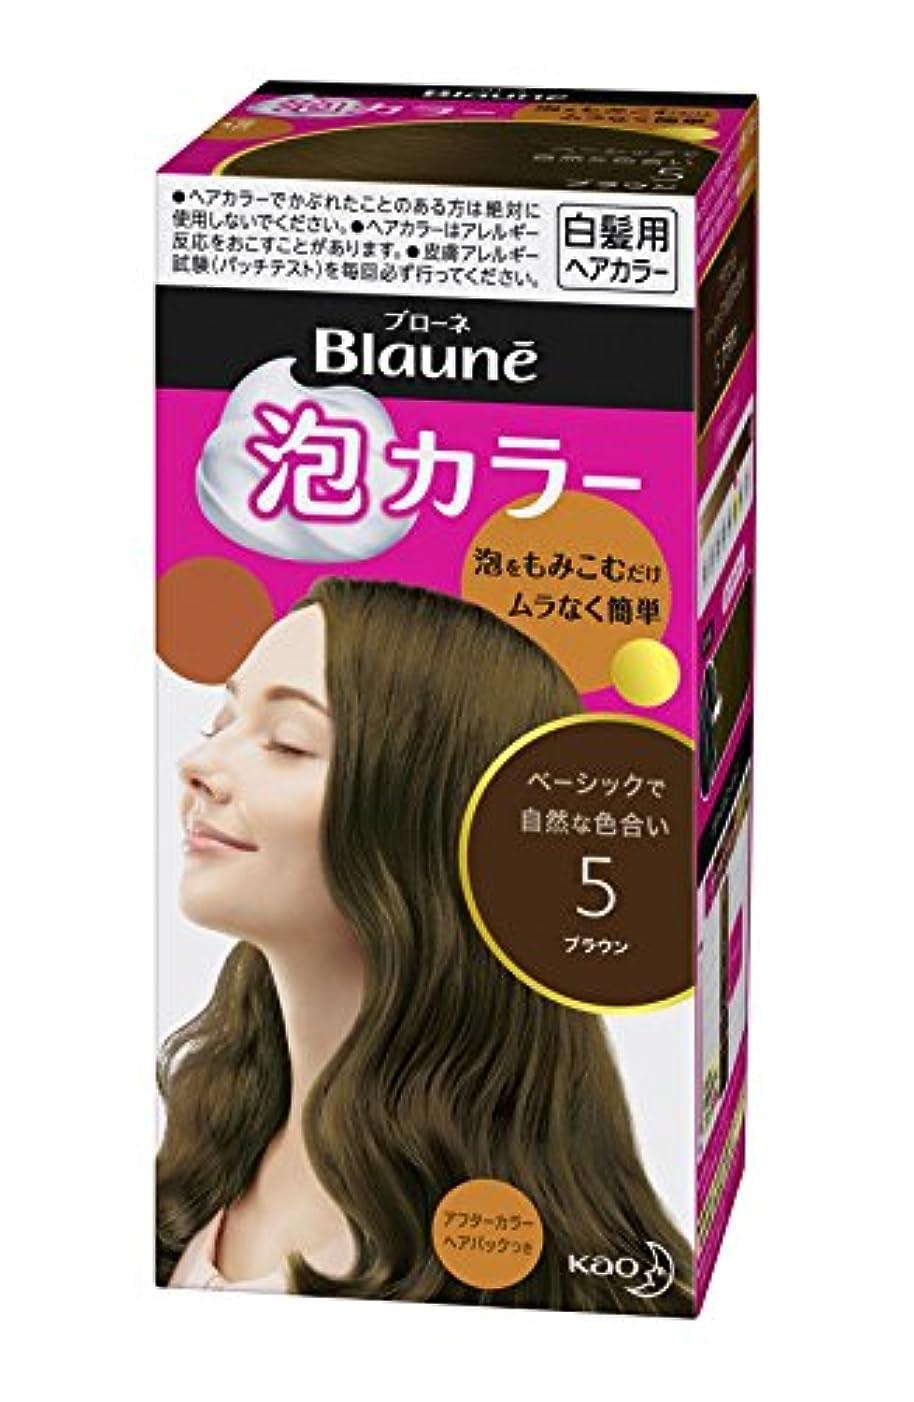 治安判事最適暫定のブローネ 泡カラー 5 ブラウン [医薬部外品]